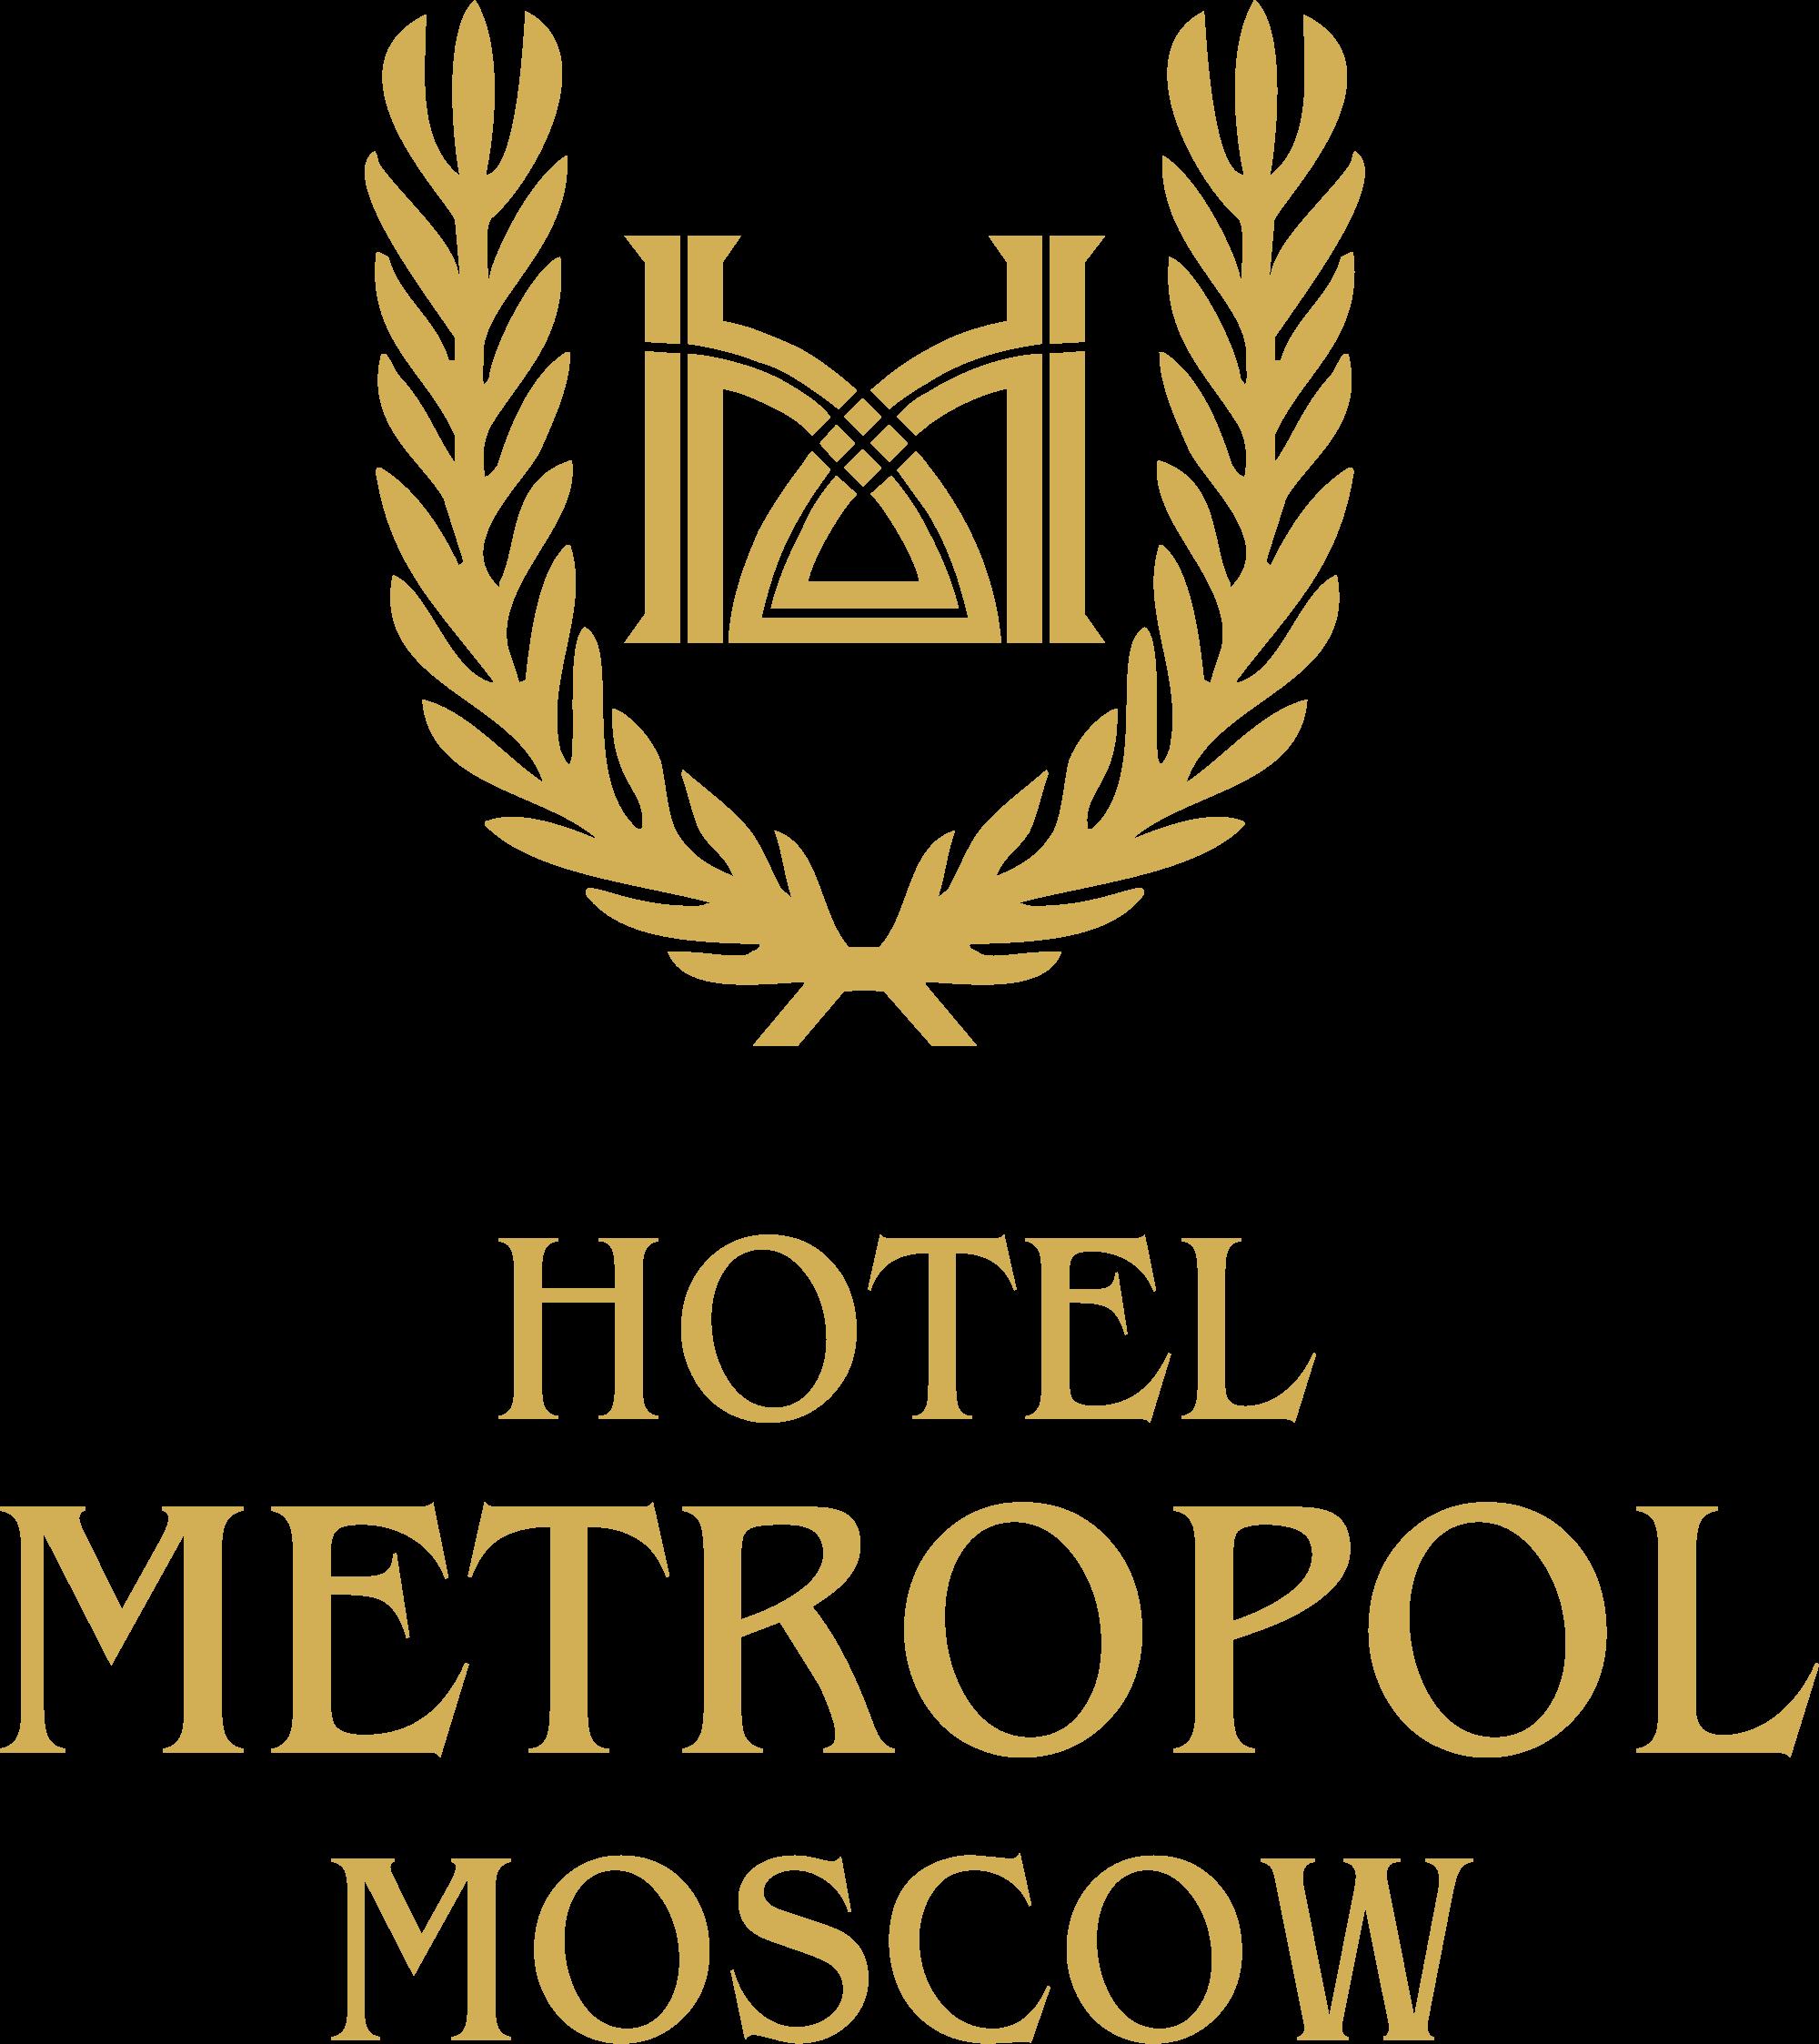 """Логотип отеля (гостиницы) """"Метрополь"""" в Москве (Hotel Metropol Moscow logo)"""